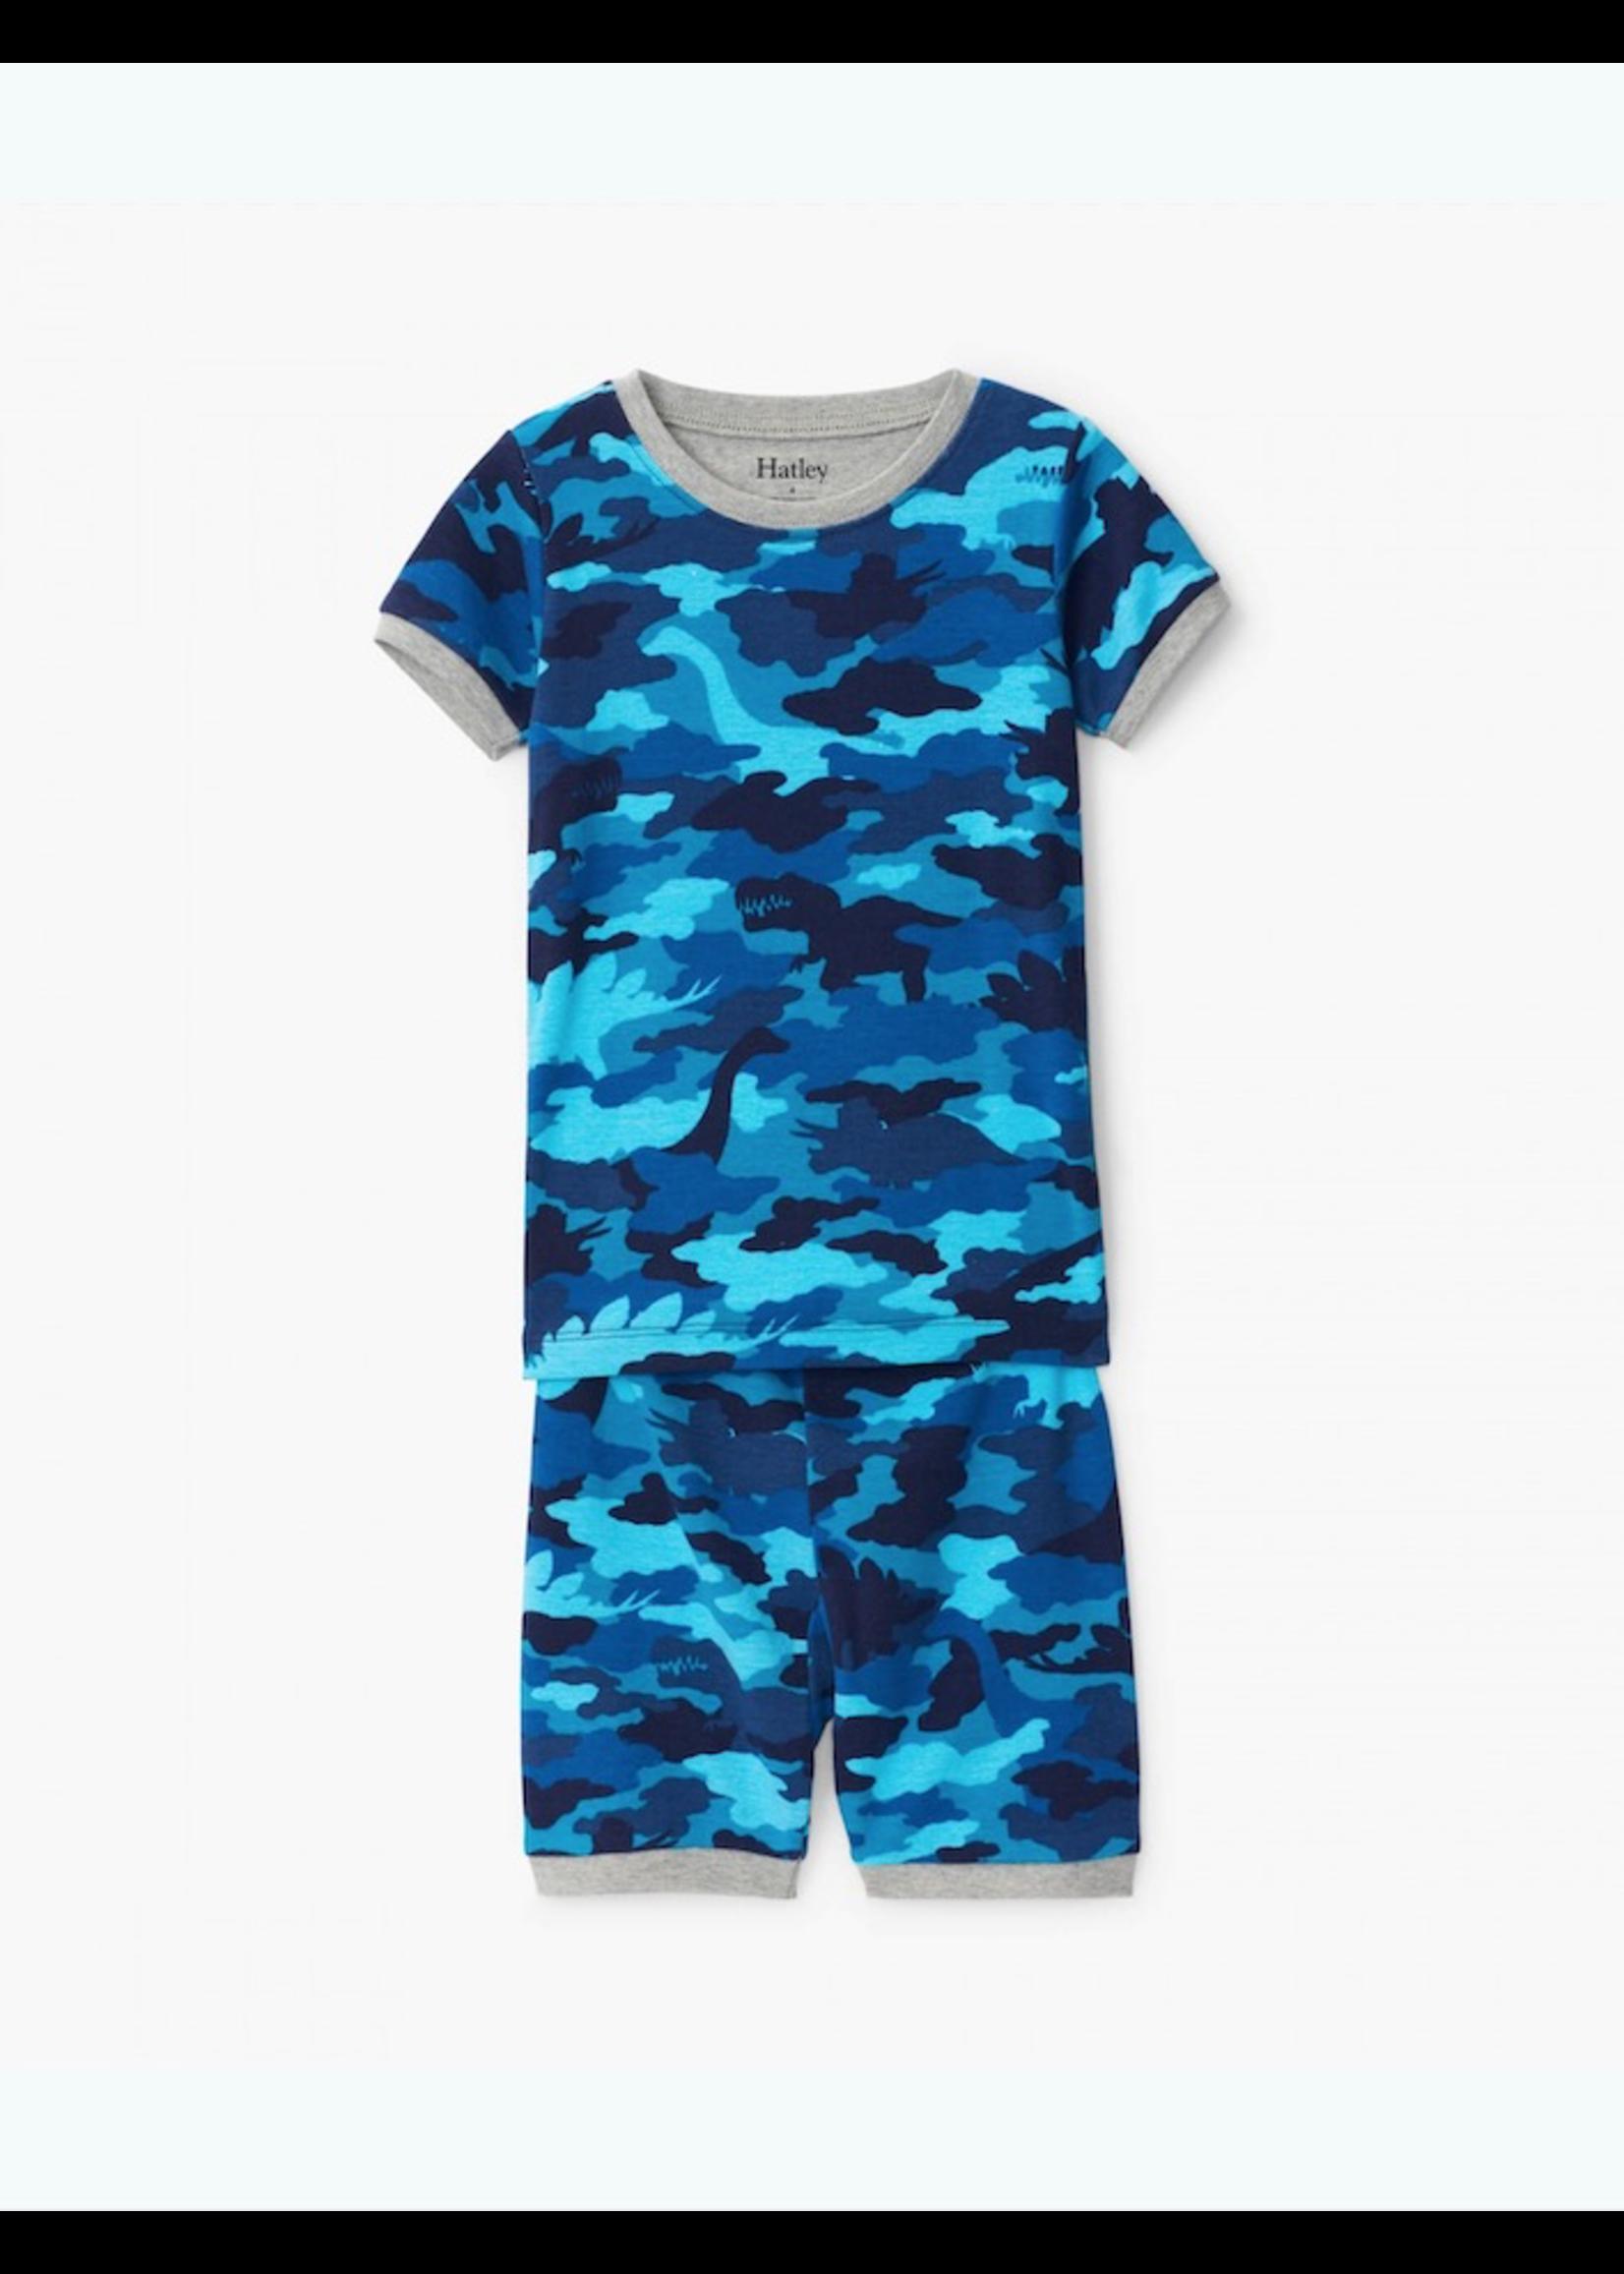 Hatley Hatley, Dino Camo Organic Cotton Short Pajama Set